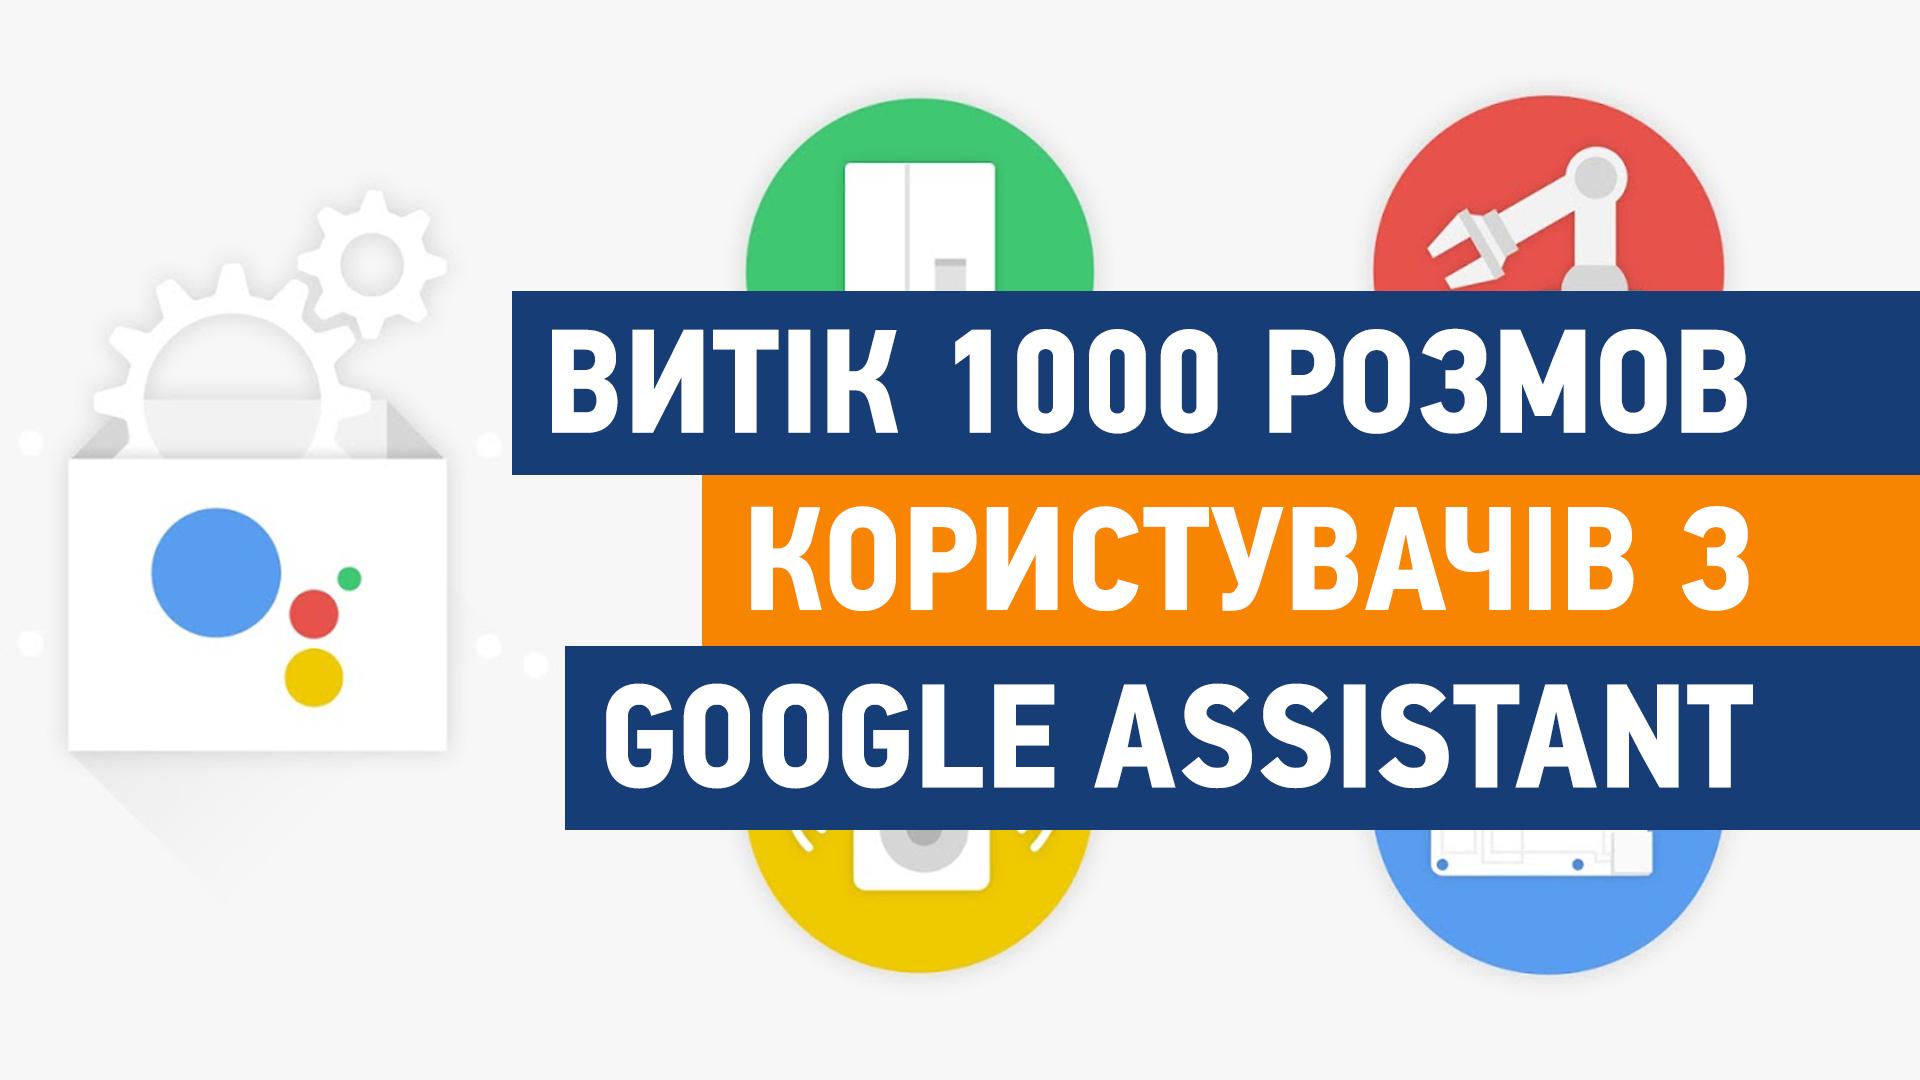 Підрядчики Google прослуховують розмови користувачів з Google Assistant